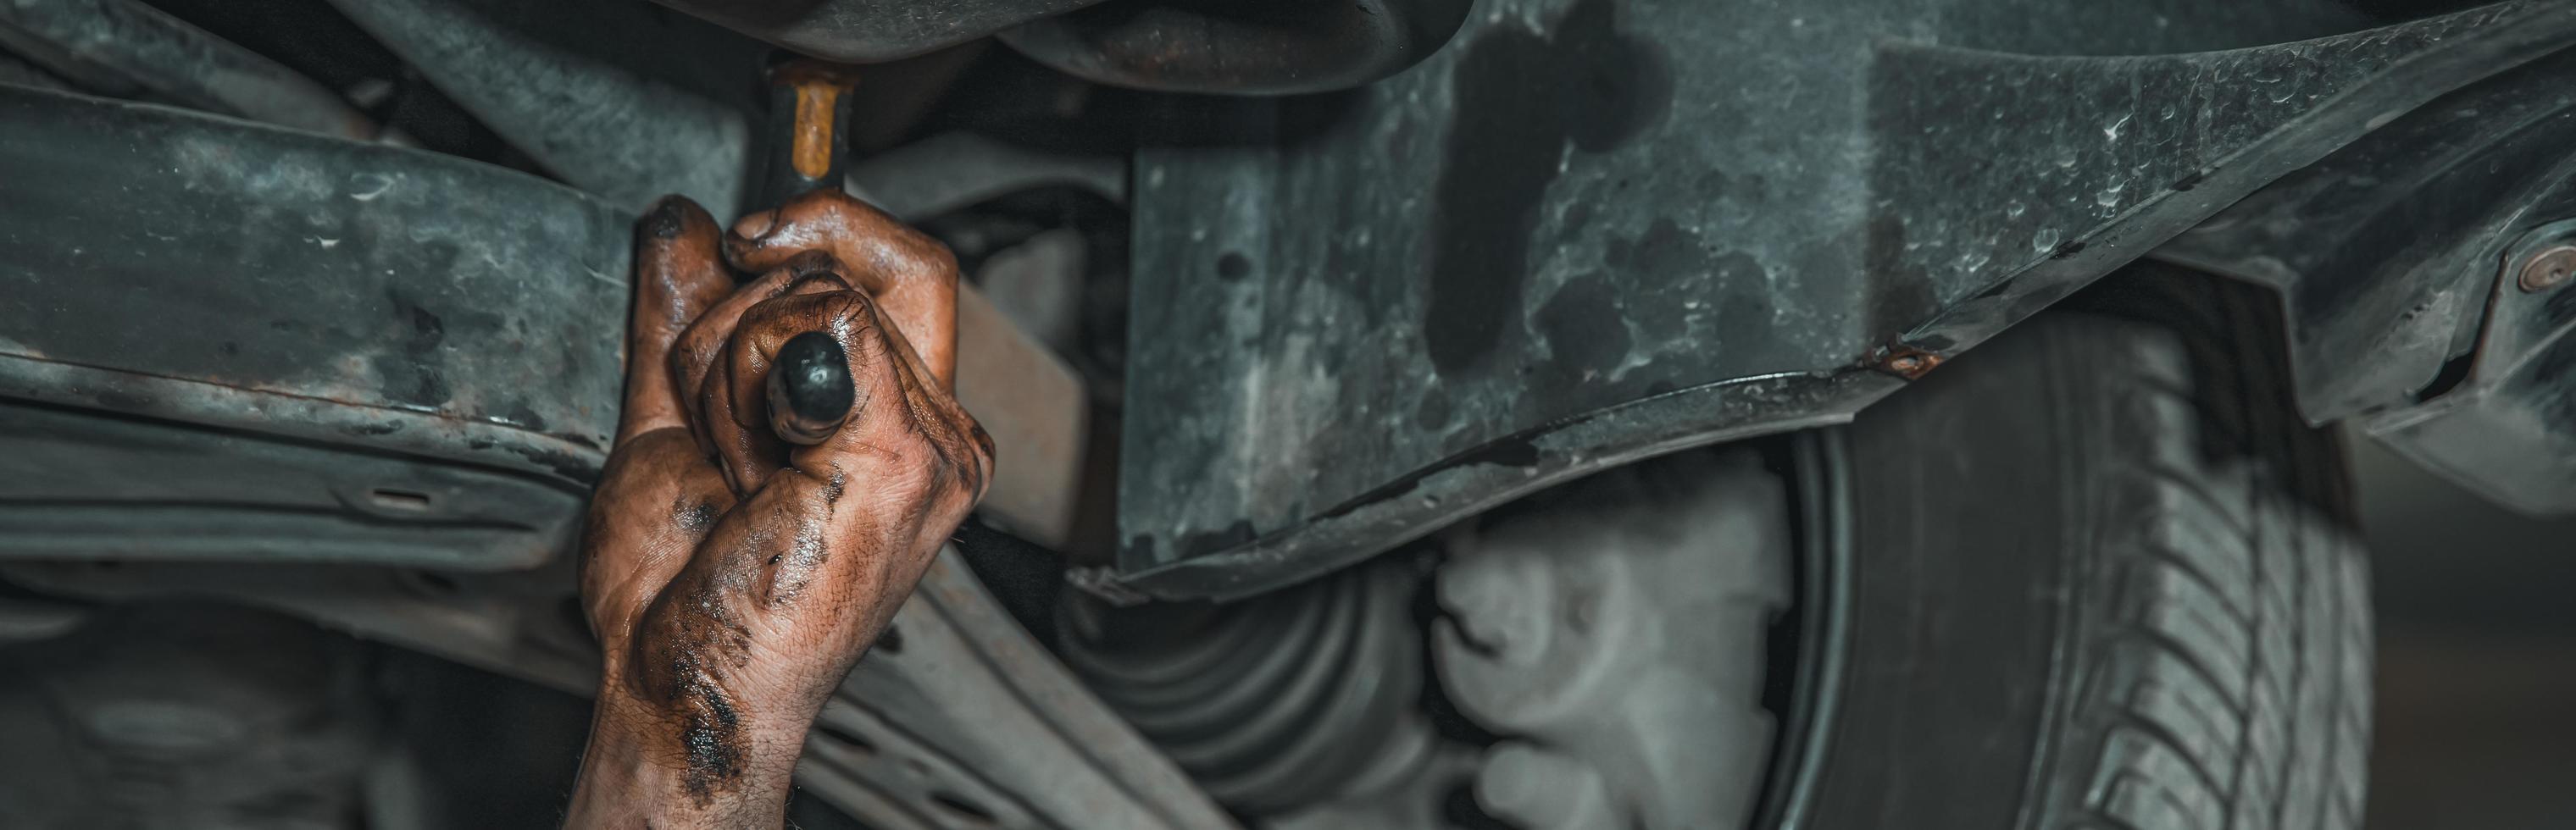 la mano untuosa del meccanico arriva sotto il cofano foto